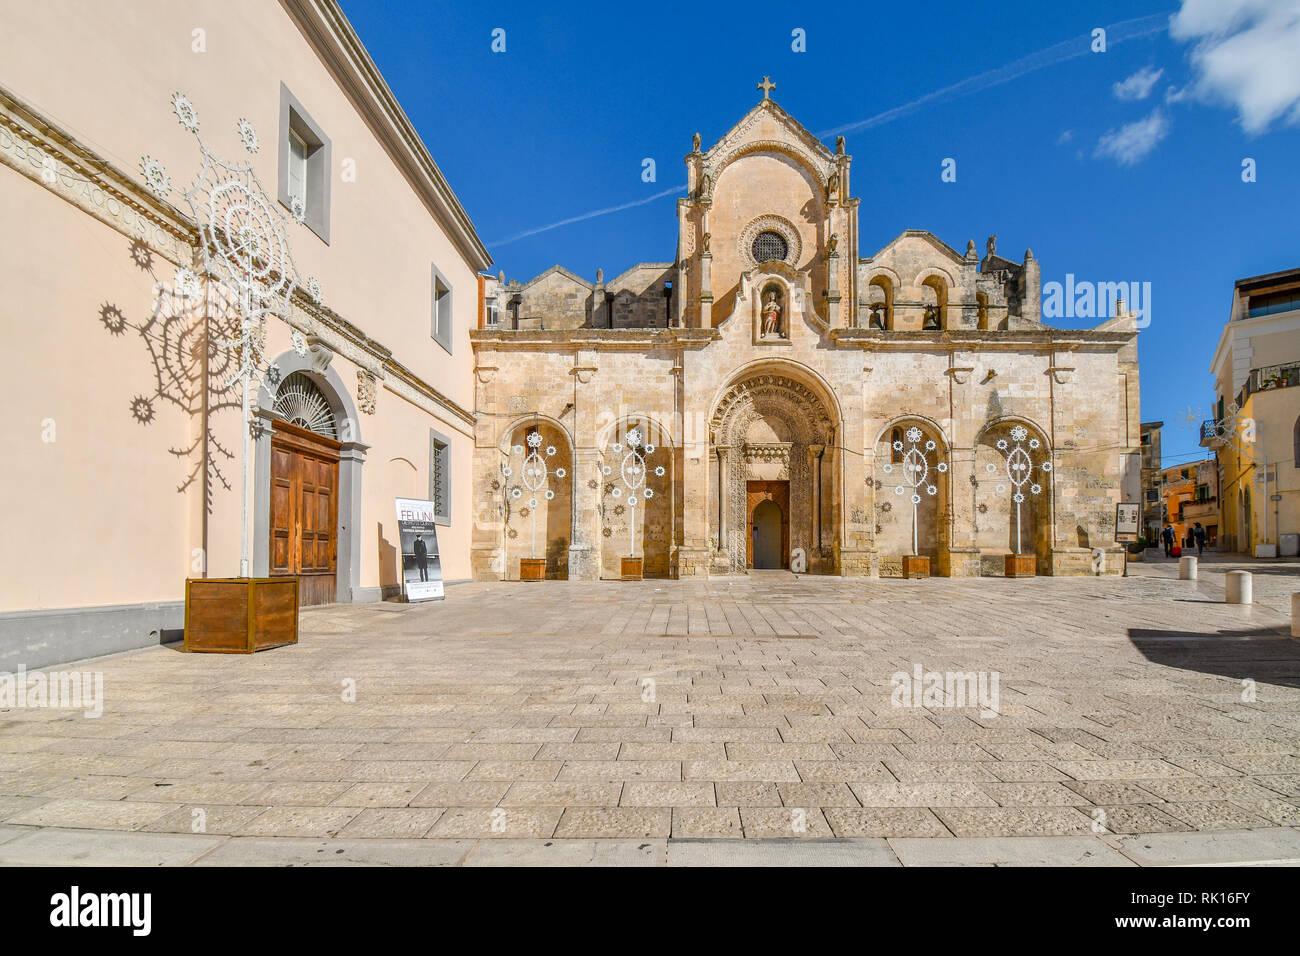 L'église paroissiale de San Giovanni Battista, l'une des plus importantes églises de Matera, situé en dehors du centre historique de Matera, Italie Banque D'Images